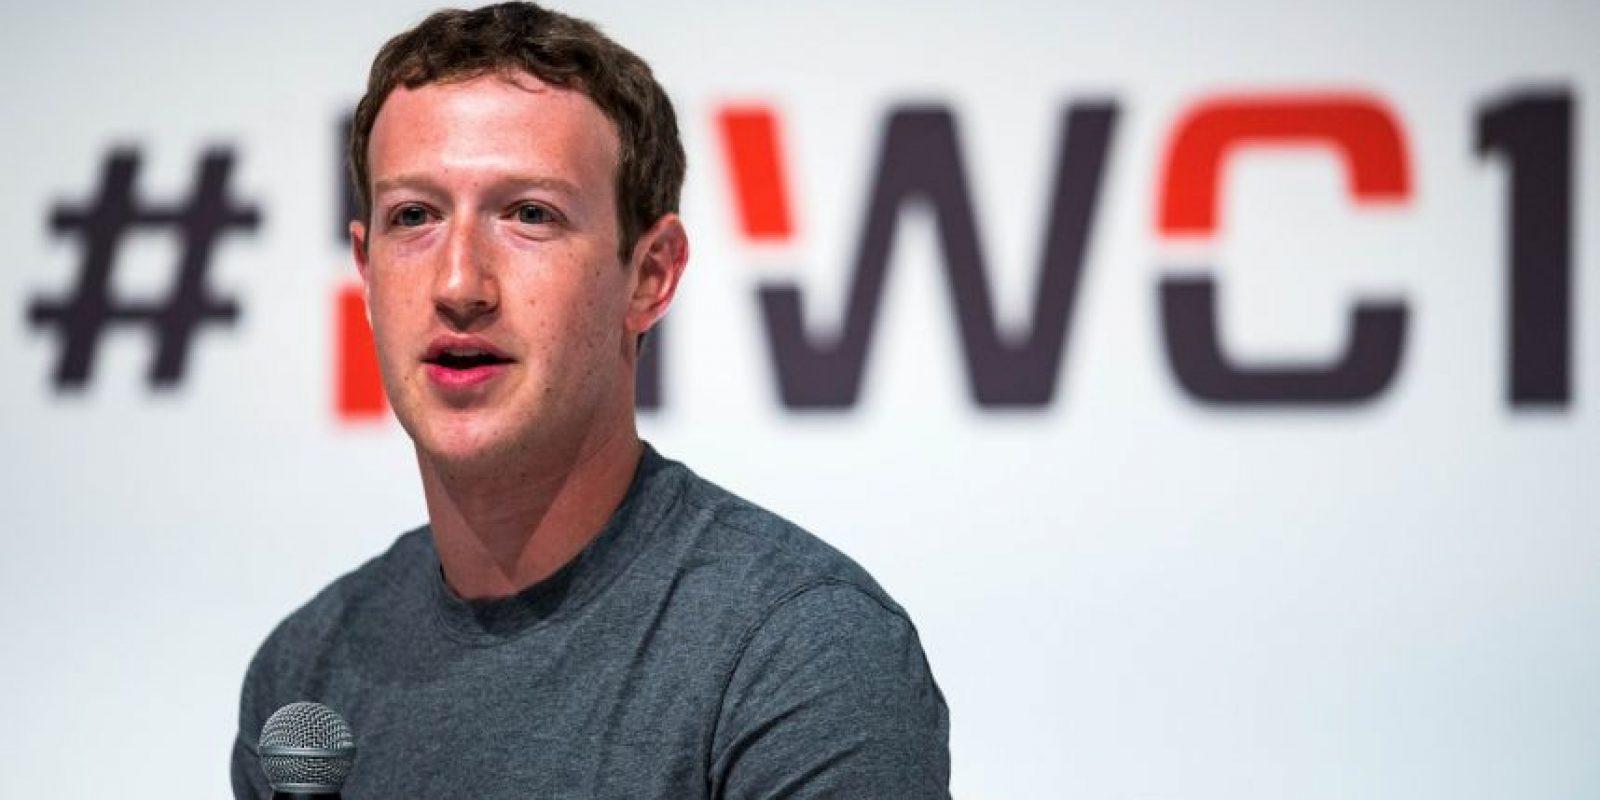 Su fortuna está valuada en 41.6 mil millones de dólares. Foto:Getty Images